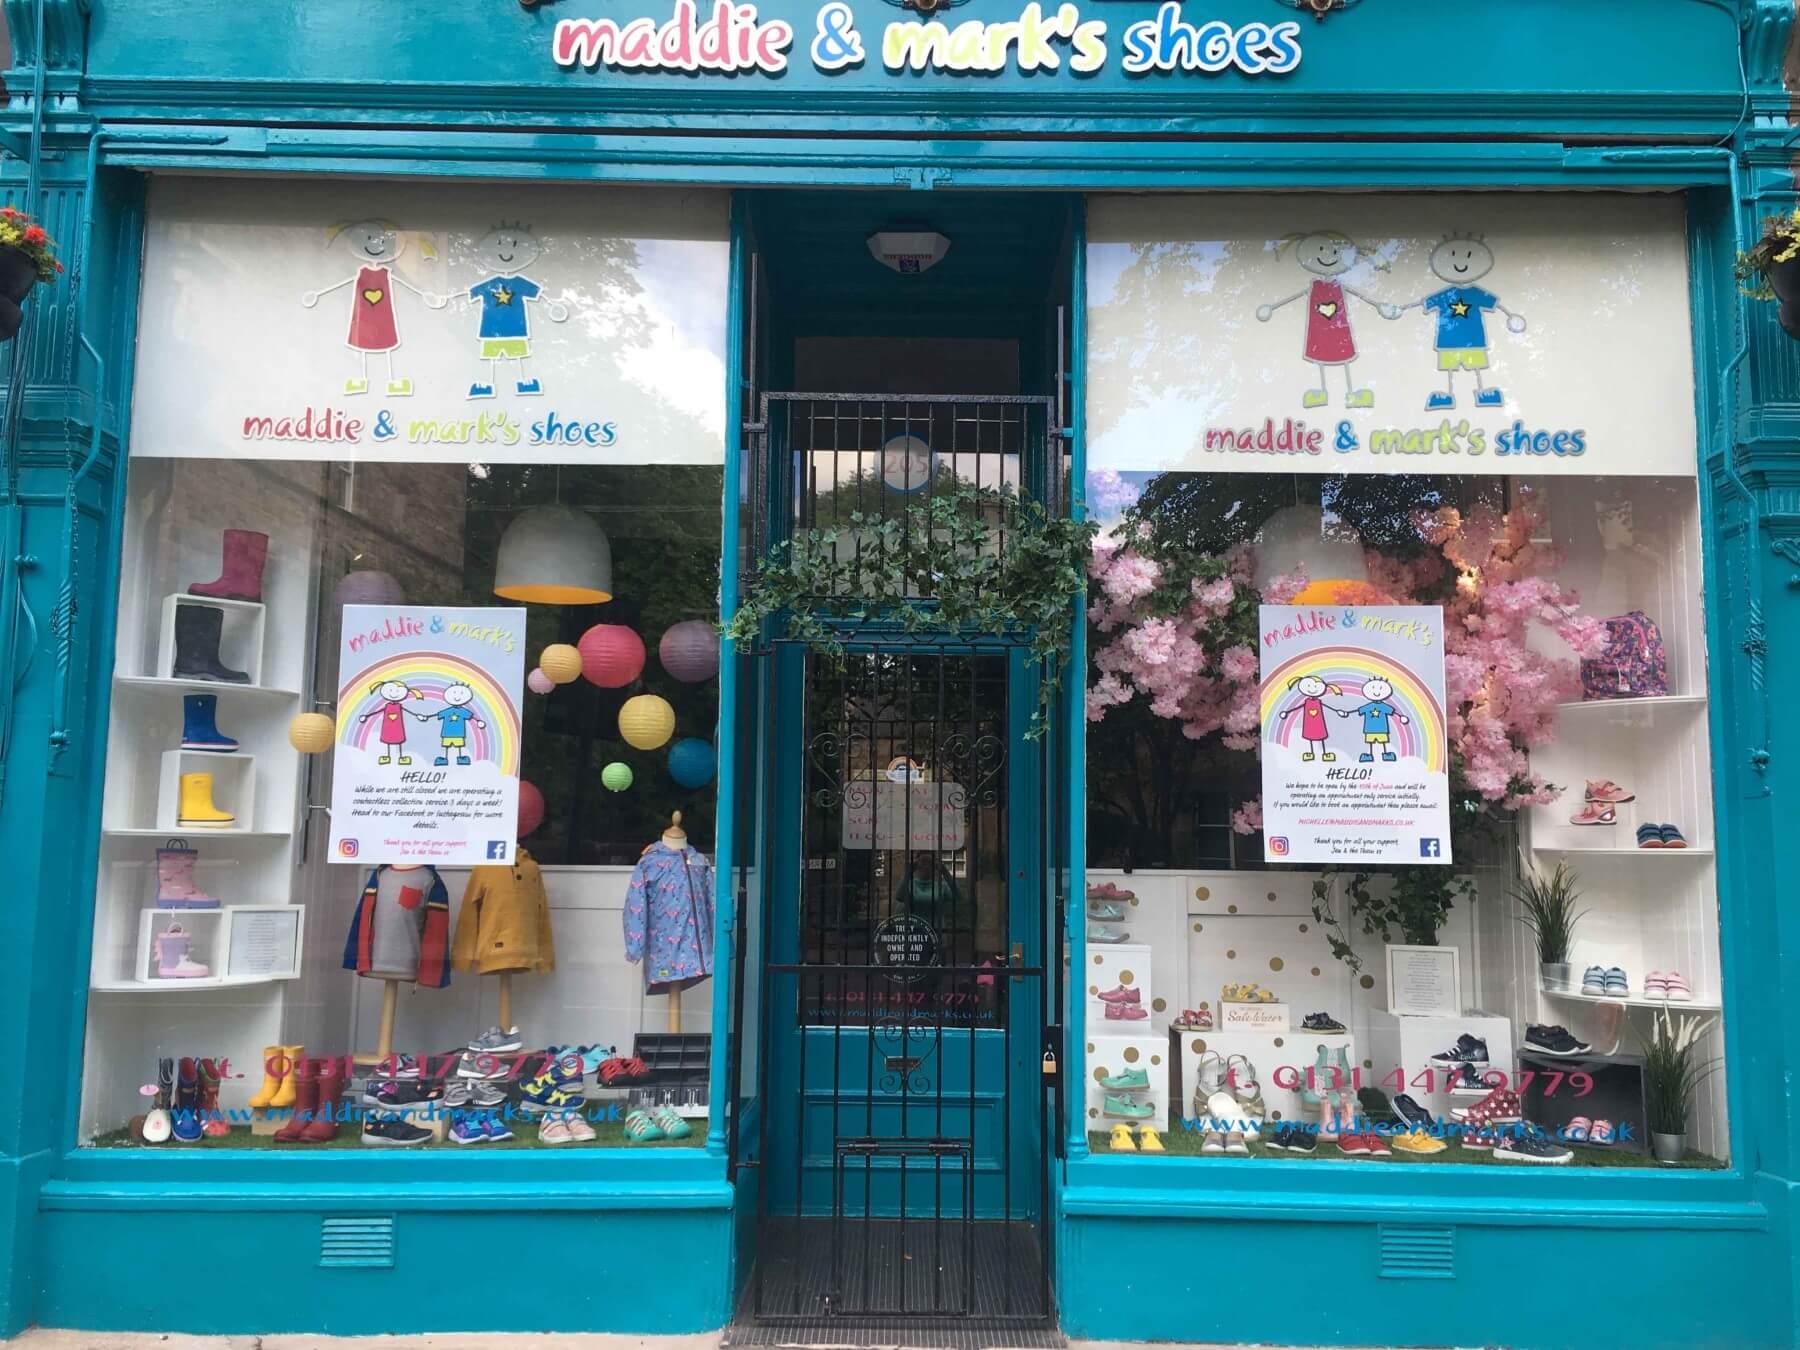 Maddie & Mark's shop front